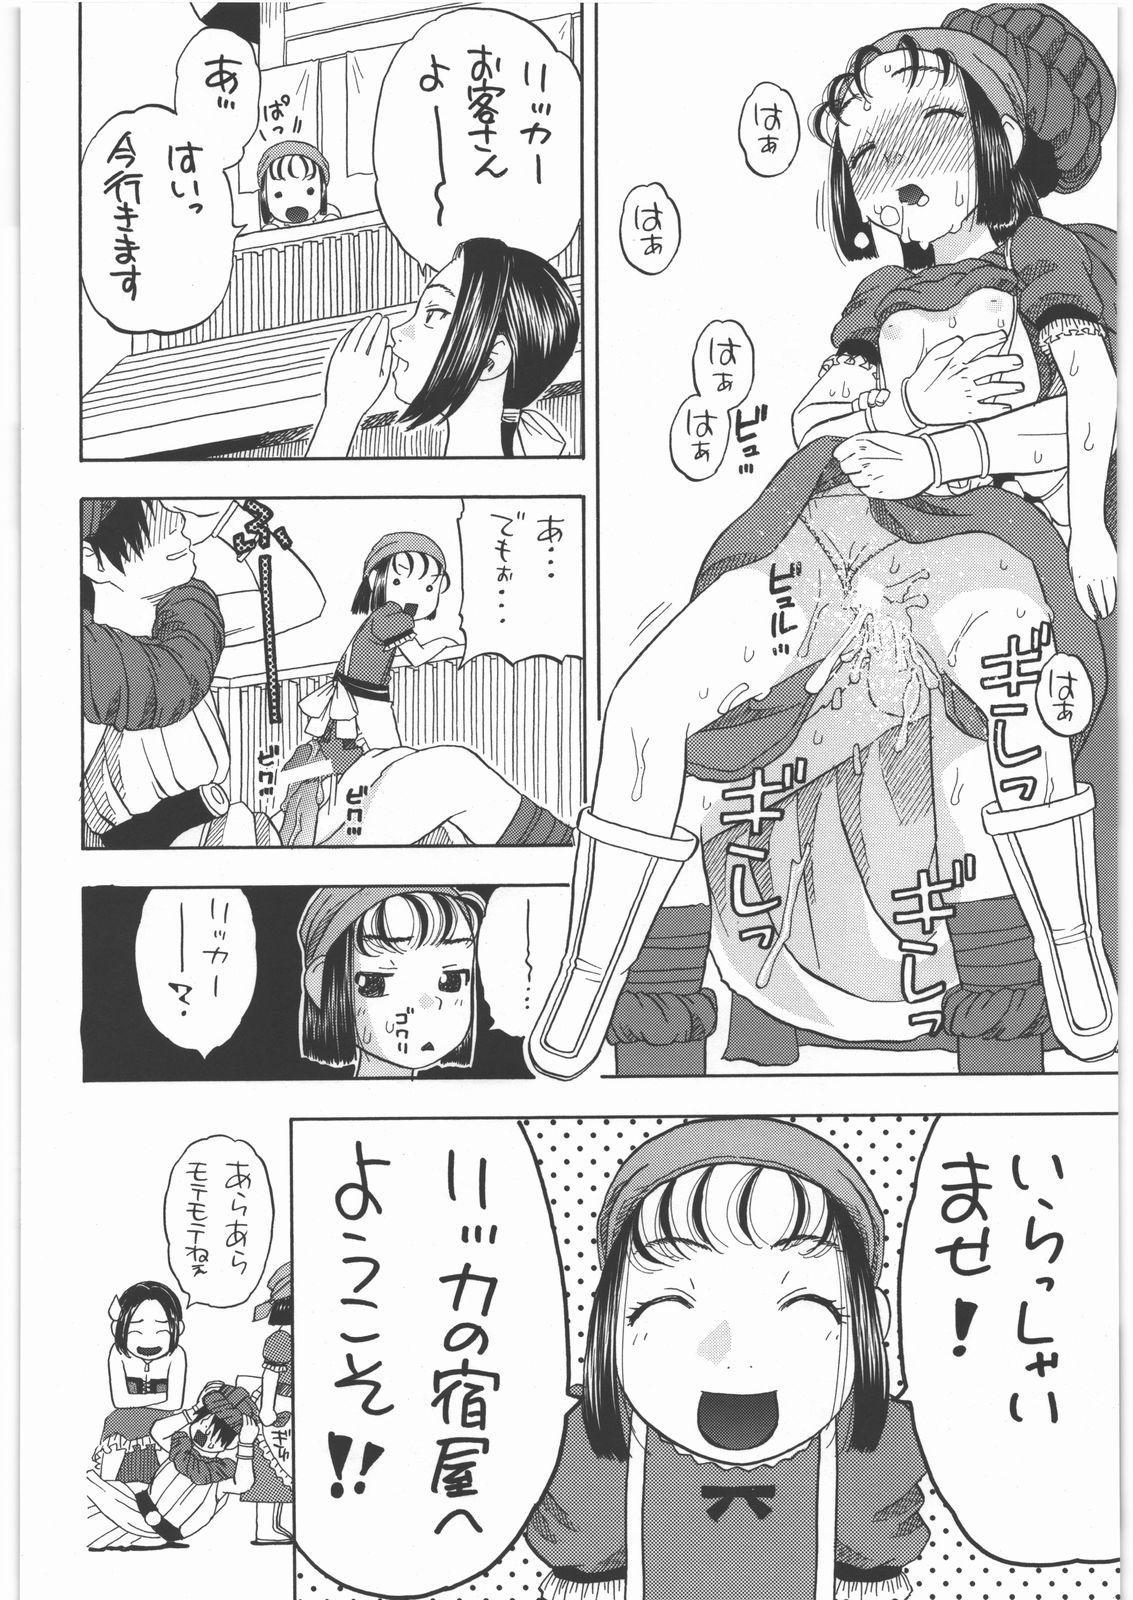 Yadoya no Rikka 22